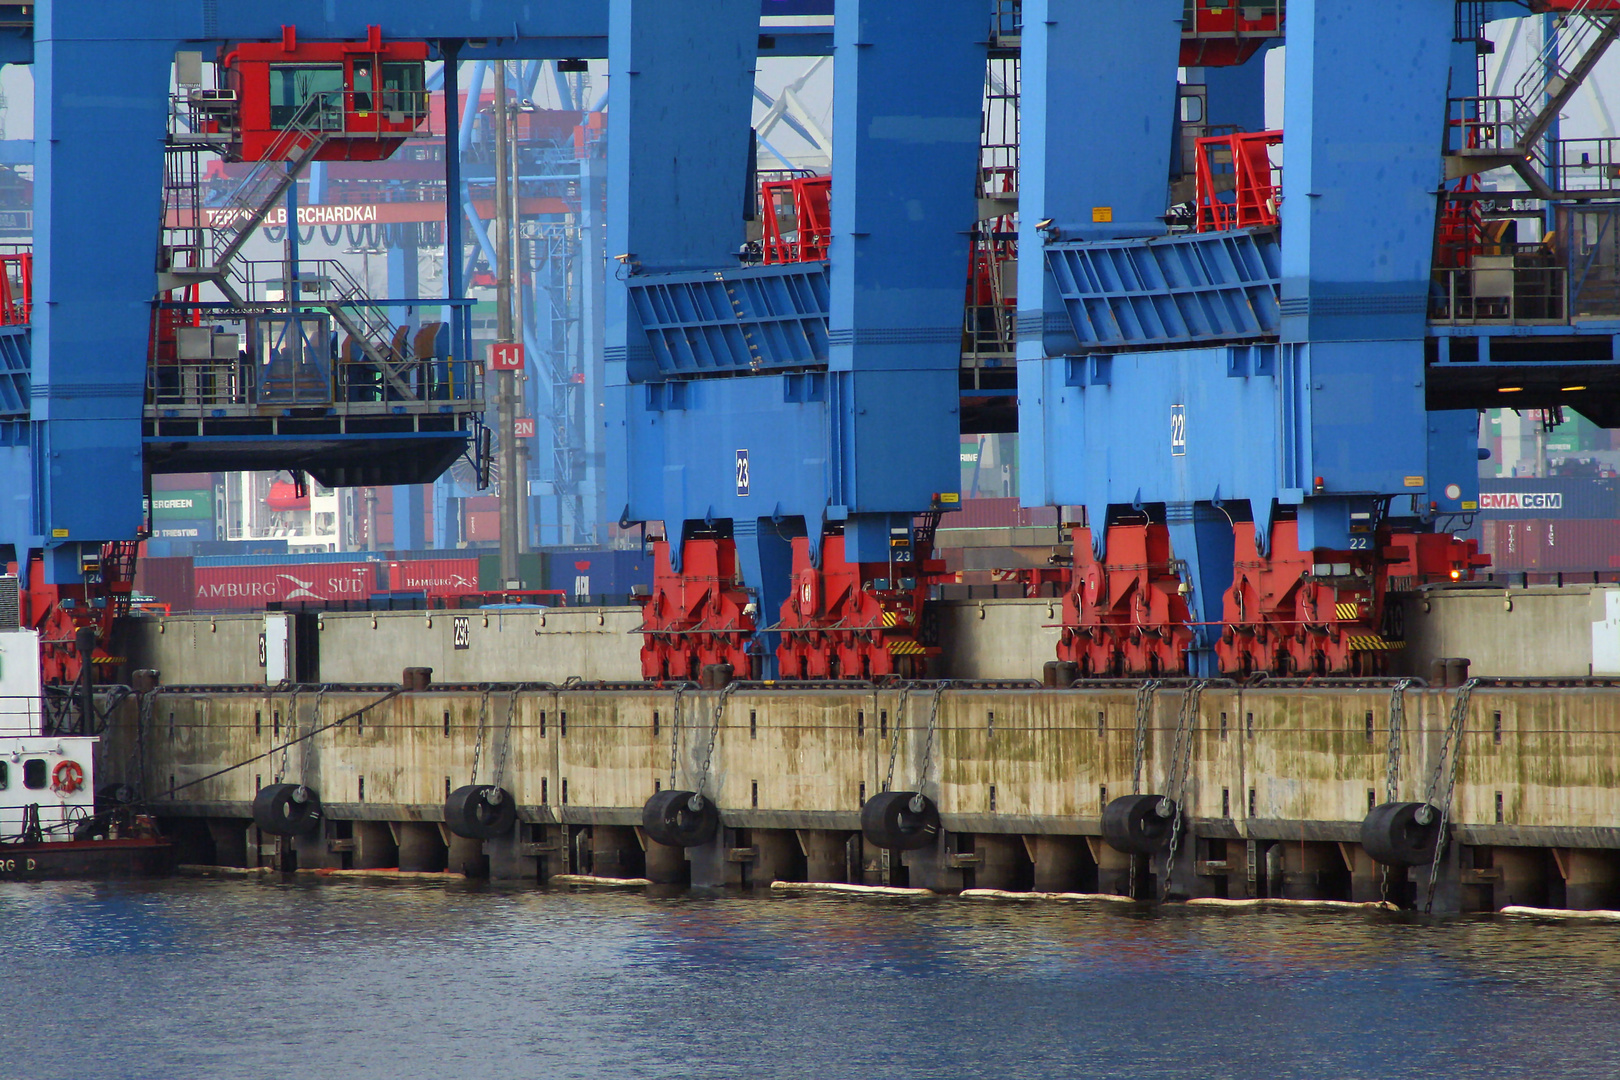 Ruhe im Containerhafen